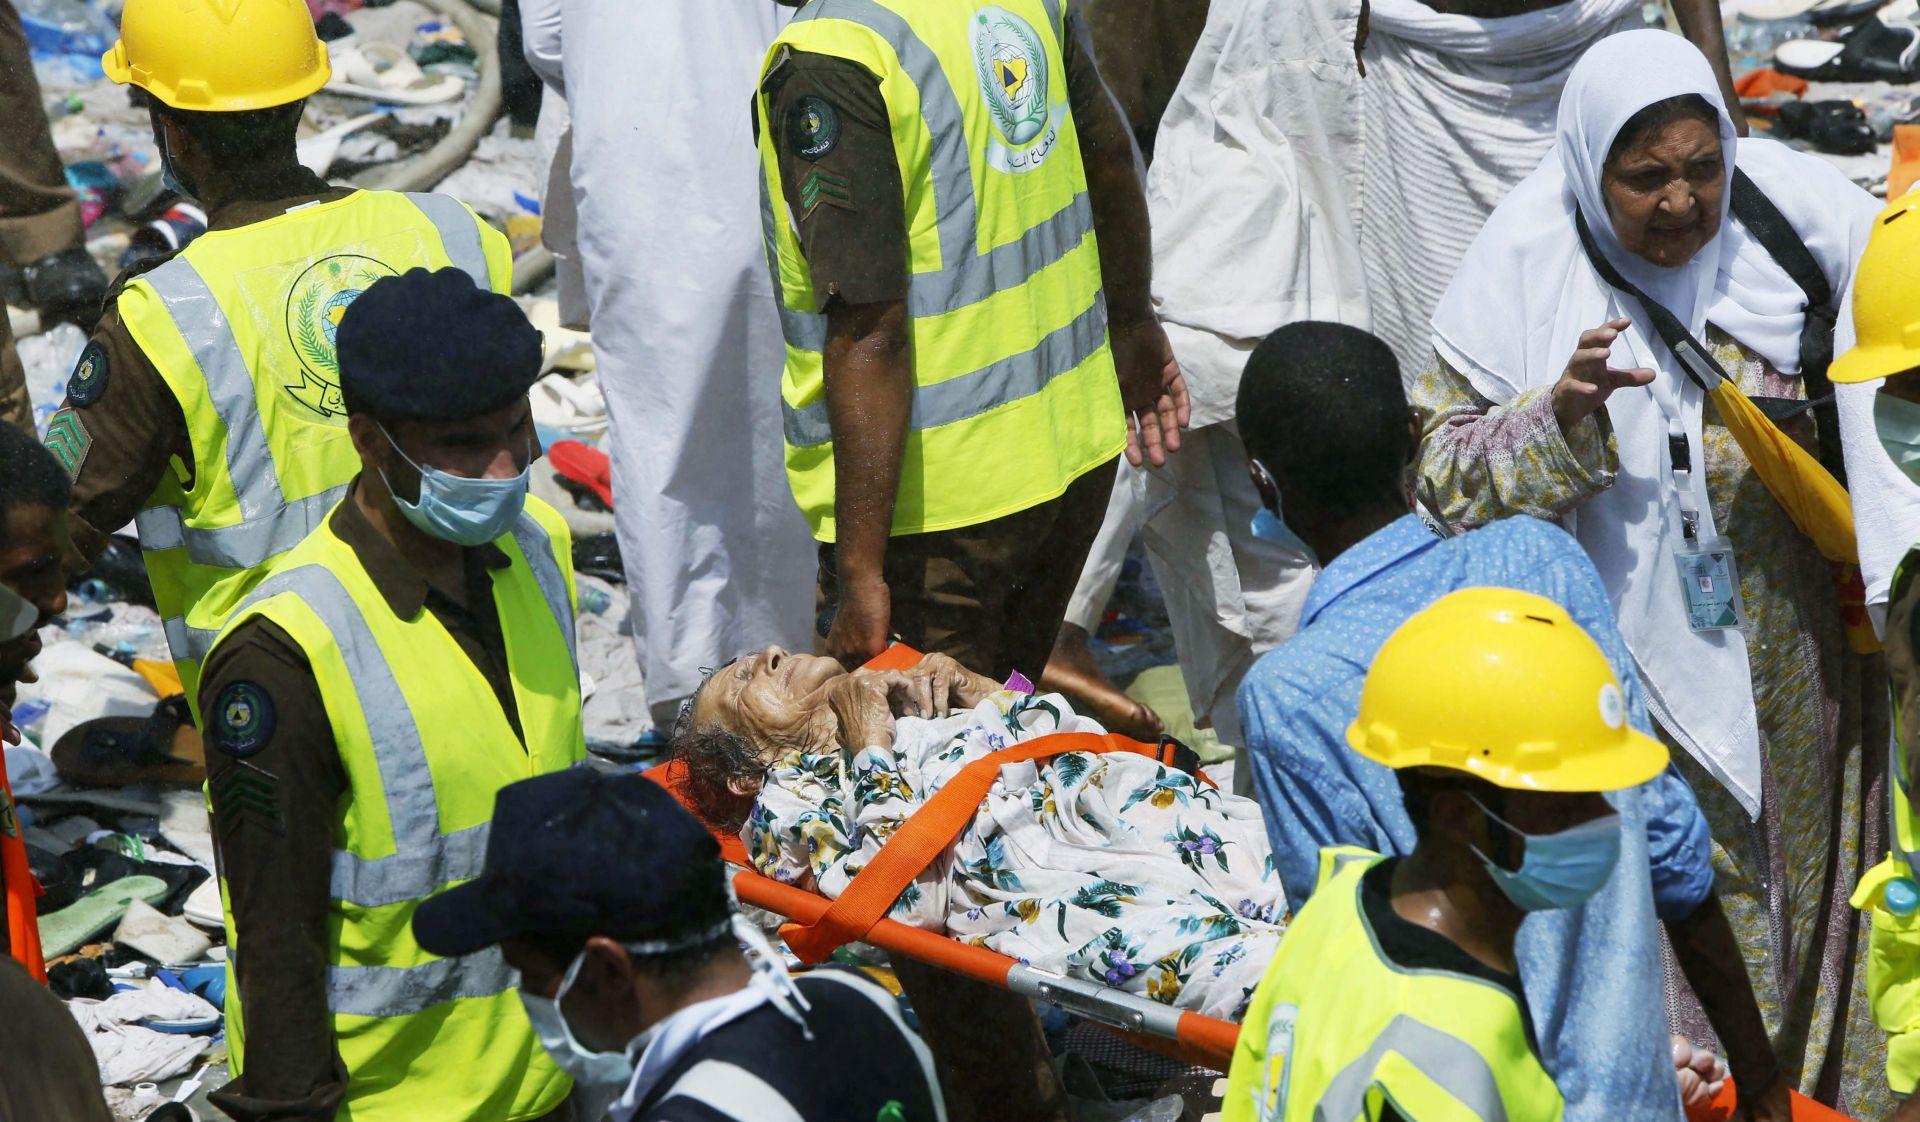 SUMNJA Dužnosnici vjeruju kako je poginulih u stampedu u Meki više od tisuću